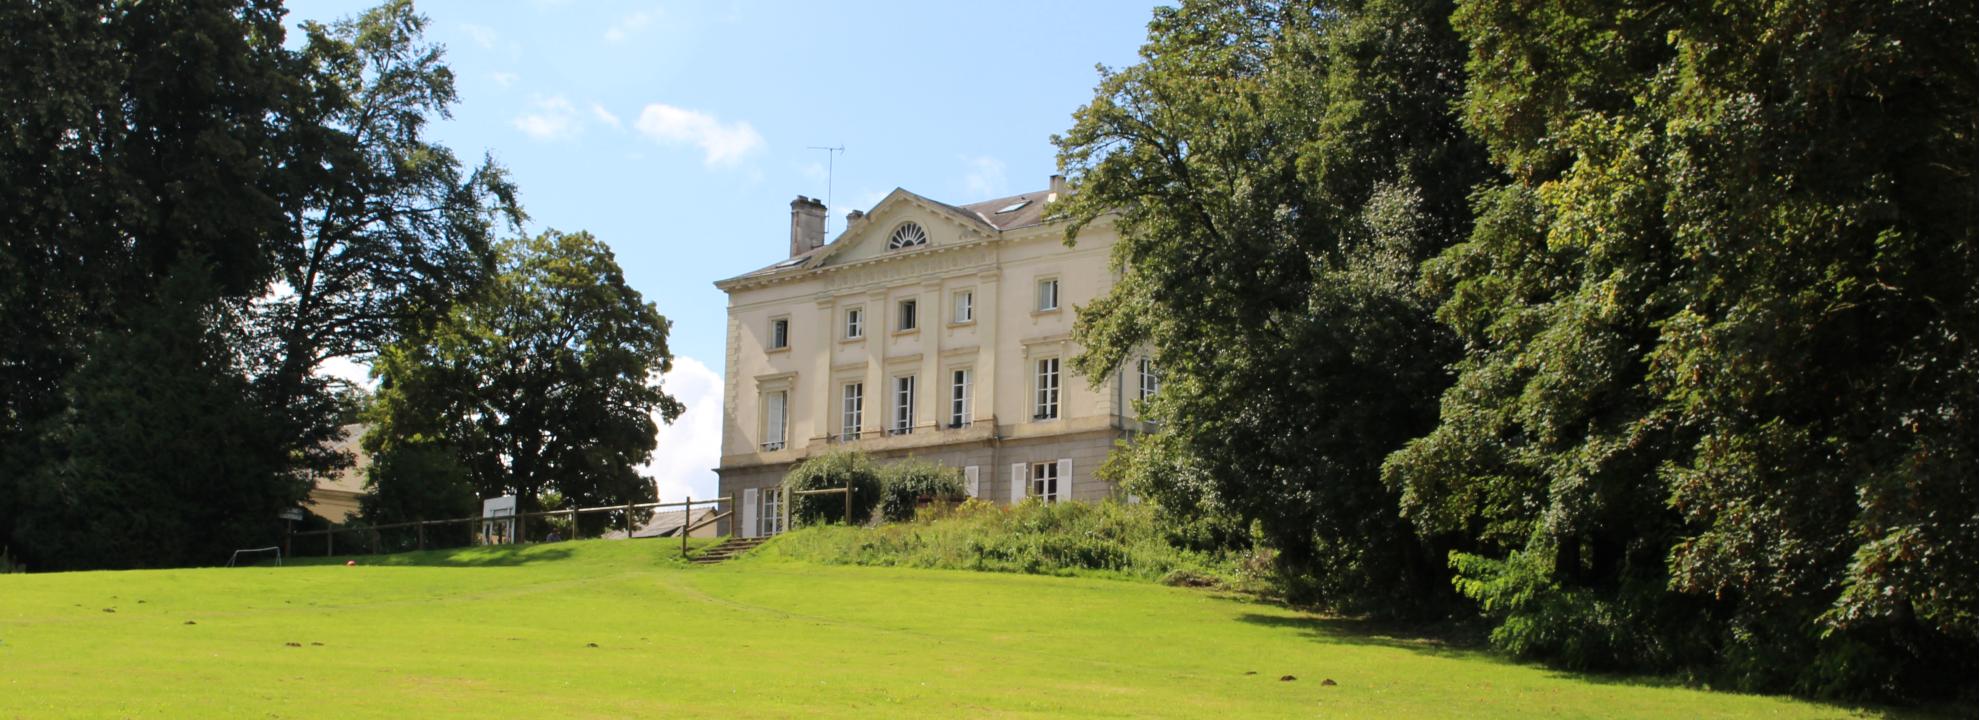 le parc de chateau beaumont ou se deroulent les activities sportives et ludiques